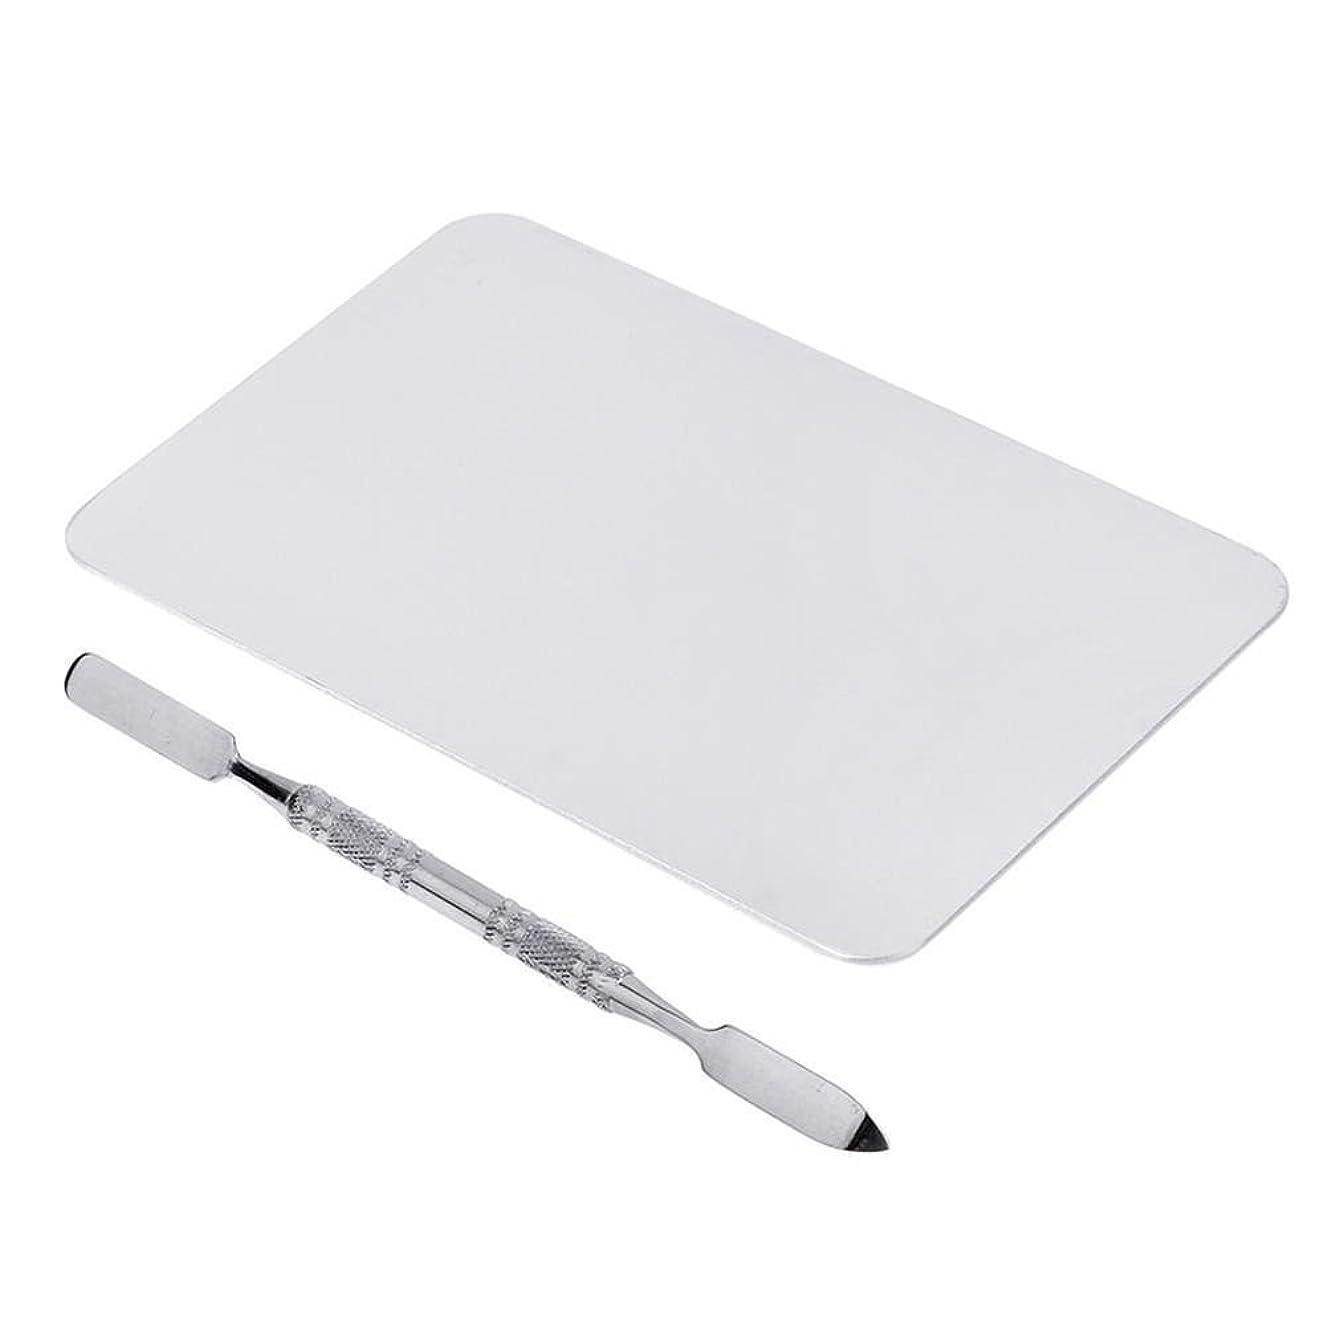 軽量最も早い証言するSemoic 2色のメイクパレットマニキュア、メイクアップ、アイシャドウパレットパレットセット12cm